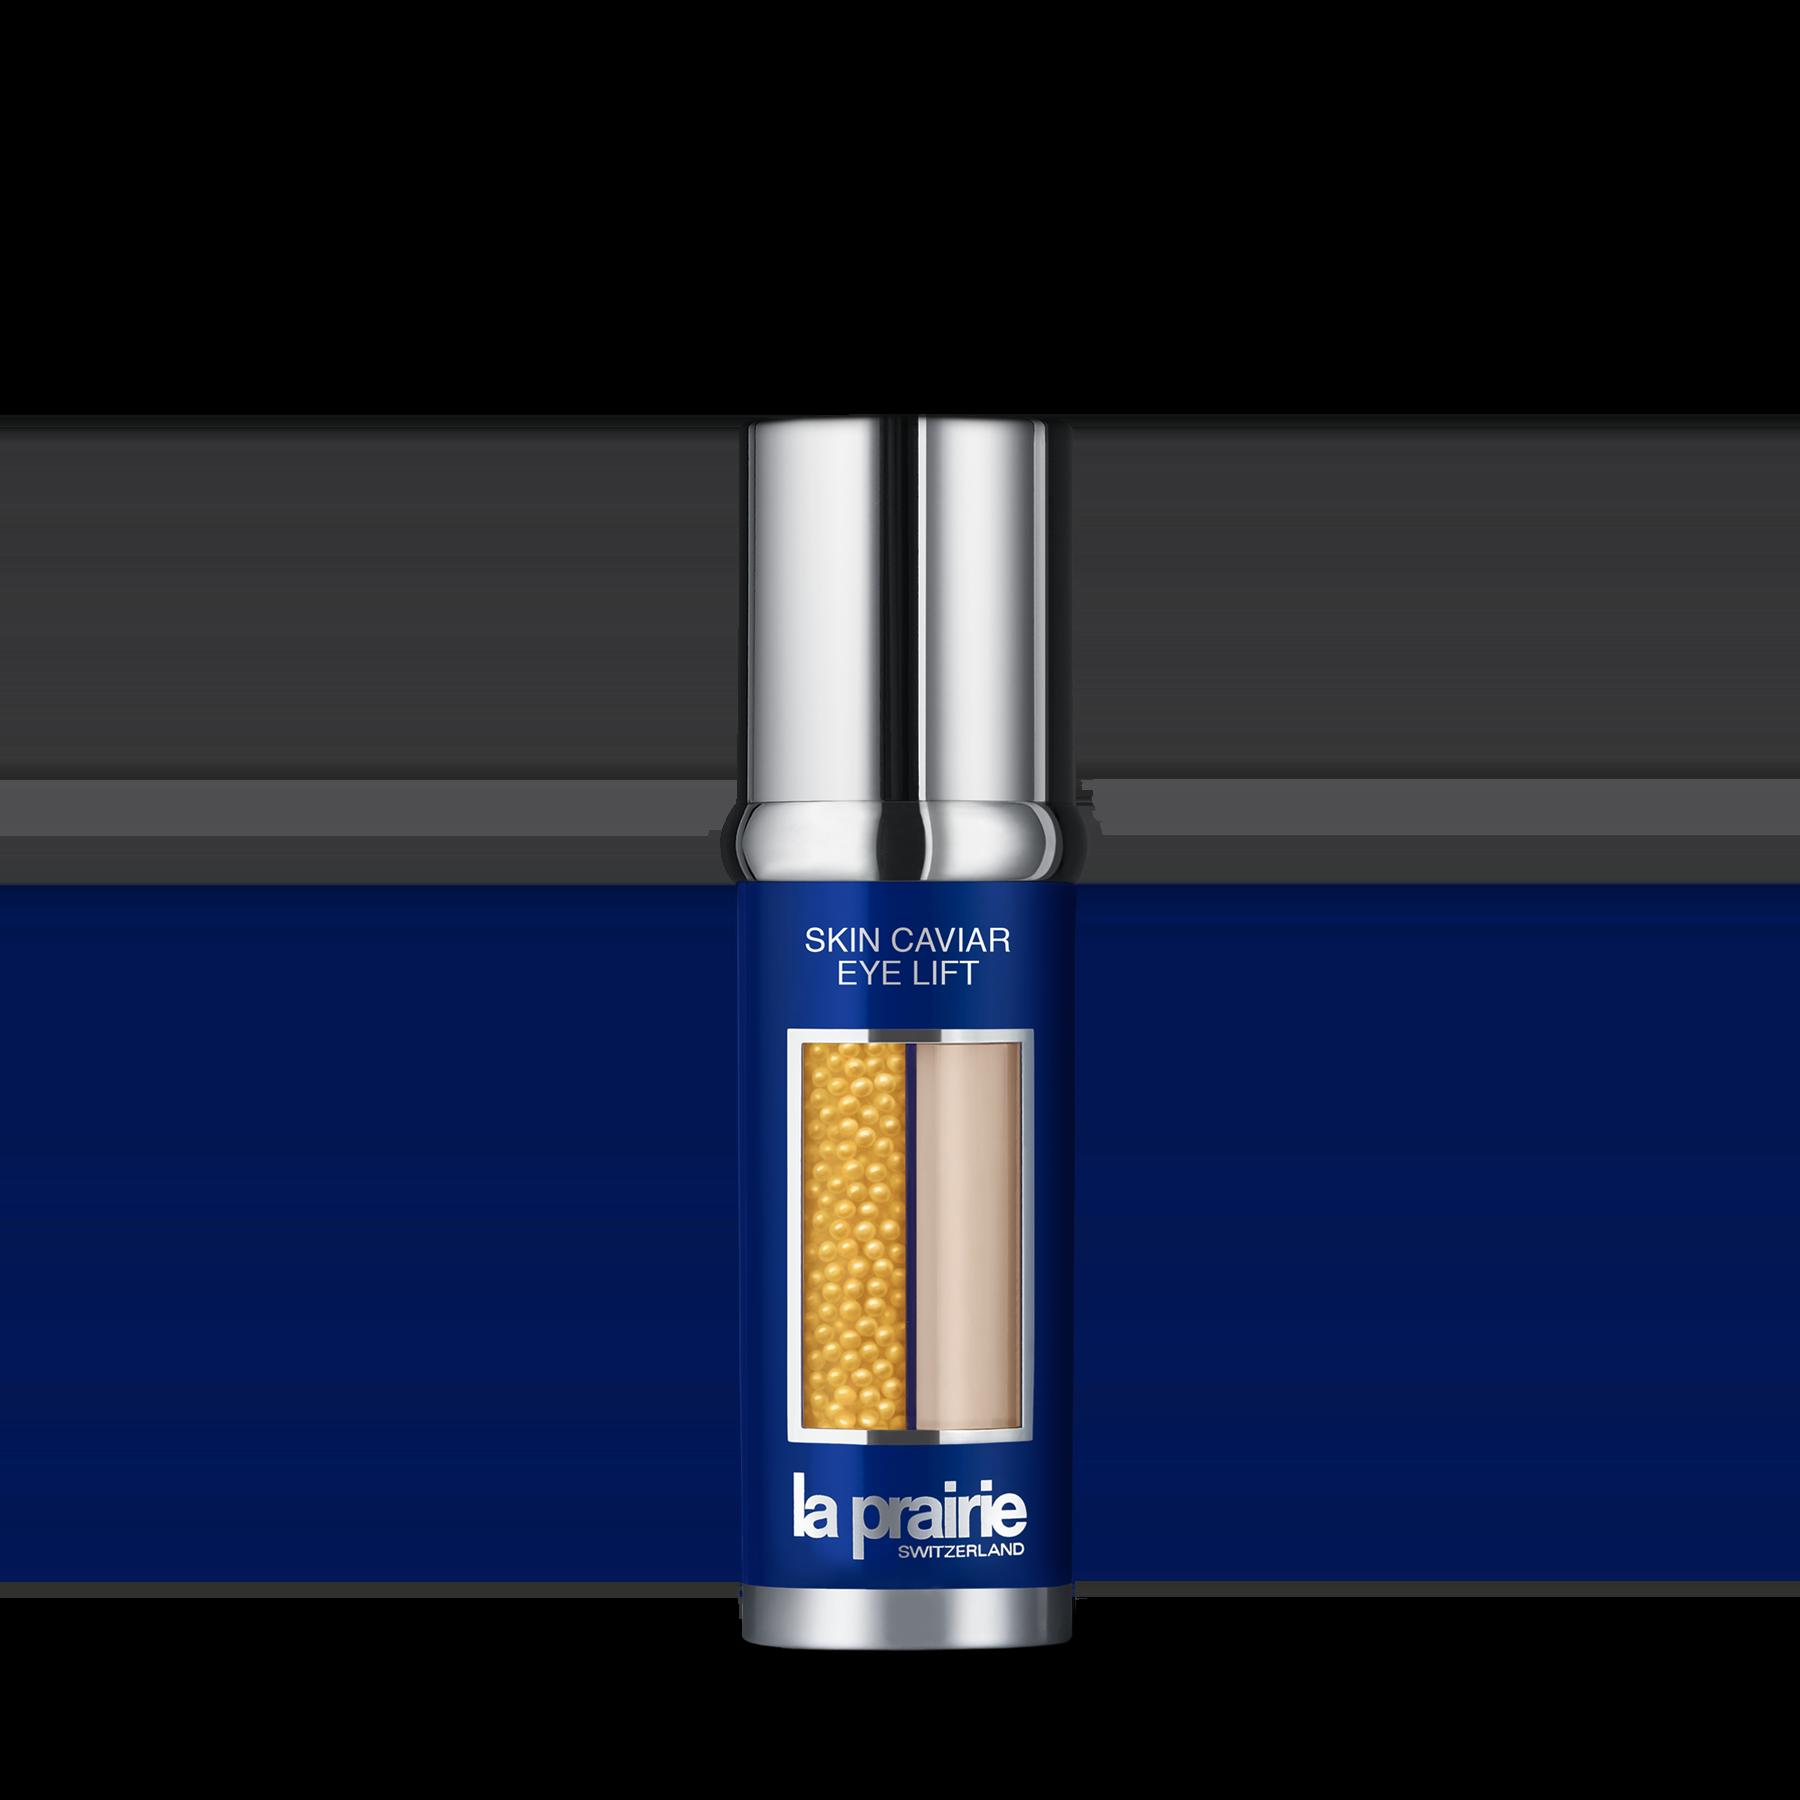 sản phẩm cho eye area La Prairie Skin Caviar Eye Lift